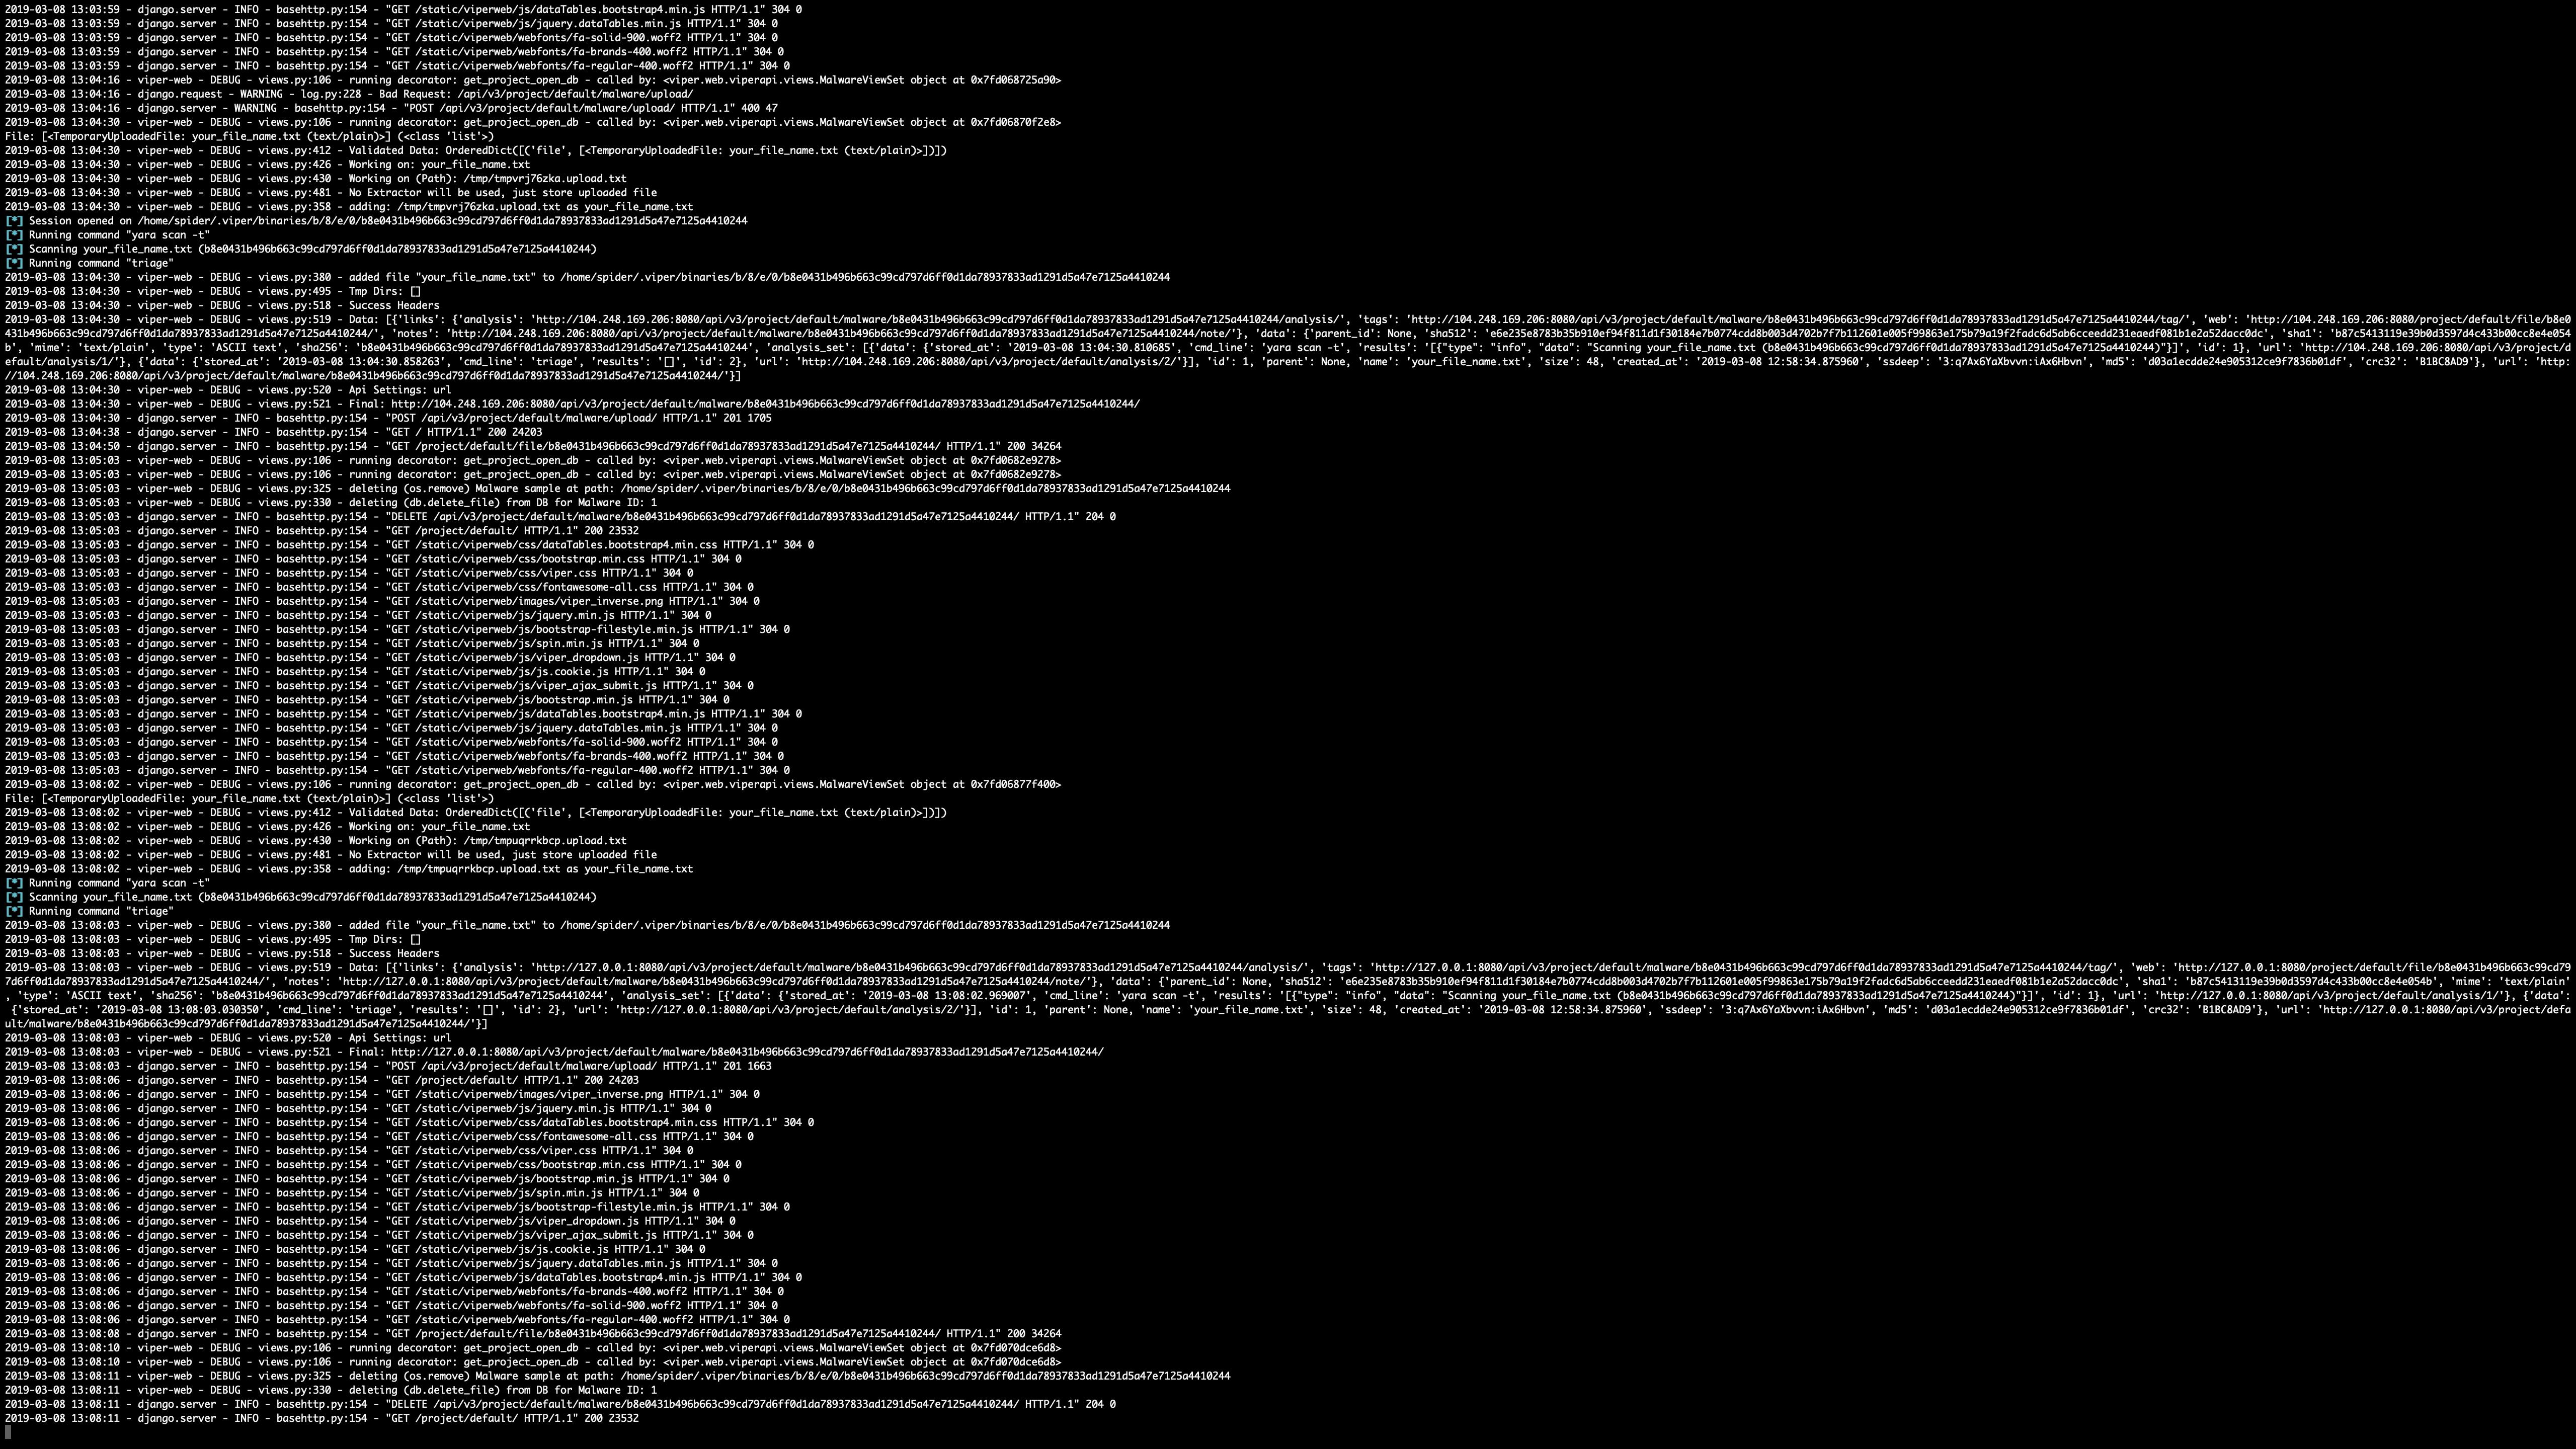 screenshot 2019-03-08 at 13 15 30